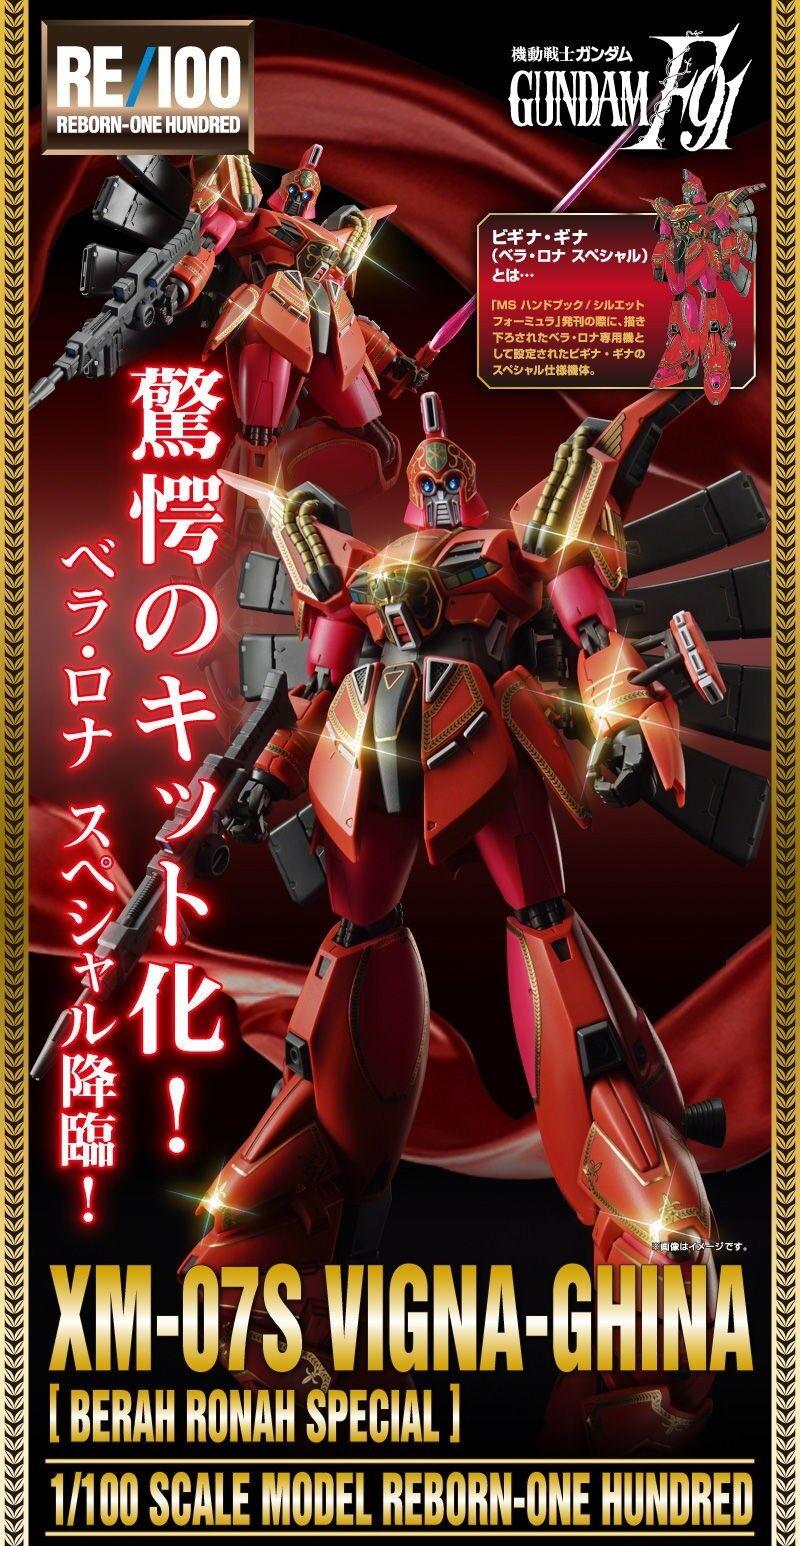 RE 100 1 100 VIGNA GHINA BERAH RONAH SPECIAL Gundam Model Kit BANDAI Japan P1135